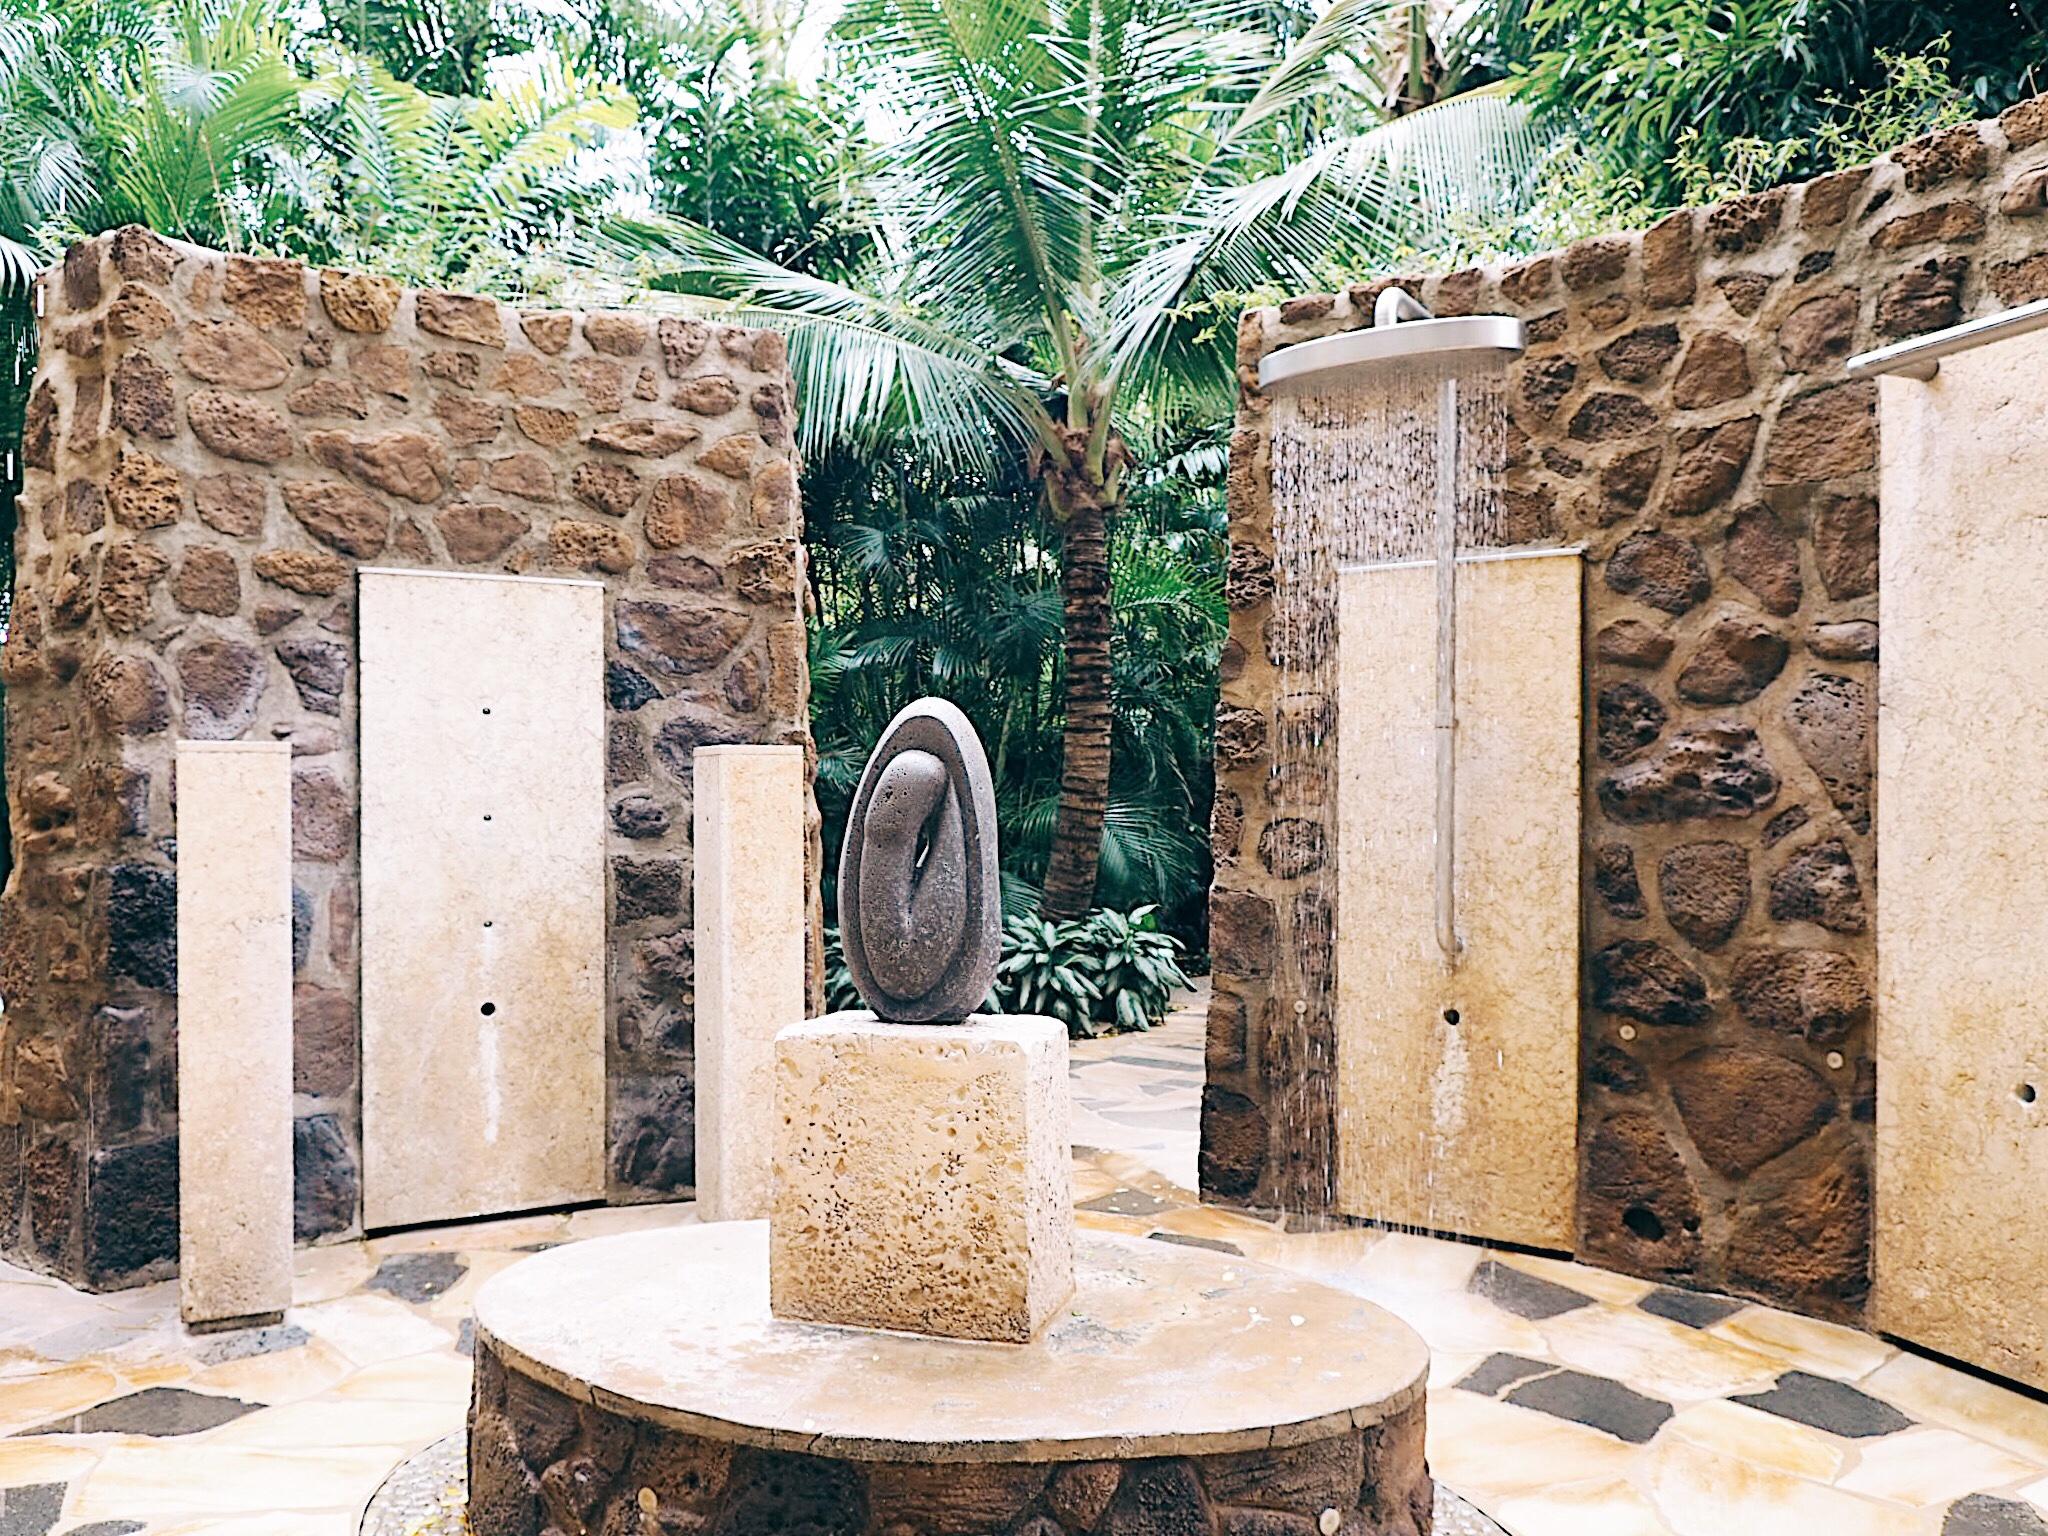 3b15cc1d a90e 4e49 8a91 a55ff0c36001 - Aulani, A Disney Resort & Spa  -  大人だけの空間 LANIWAI SPAでの至福の時間